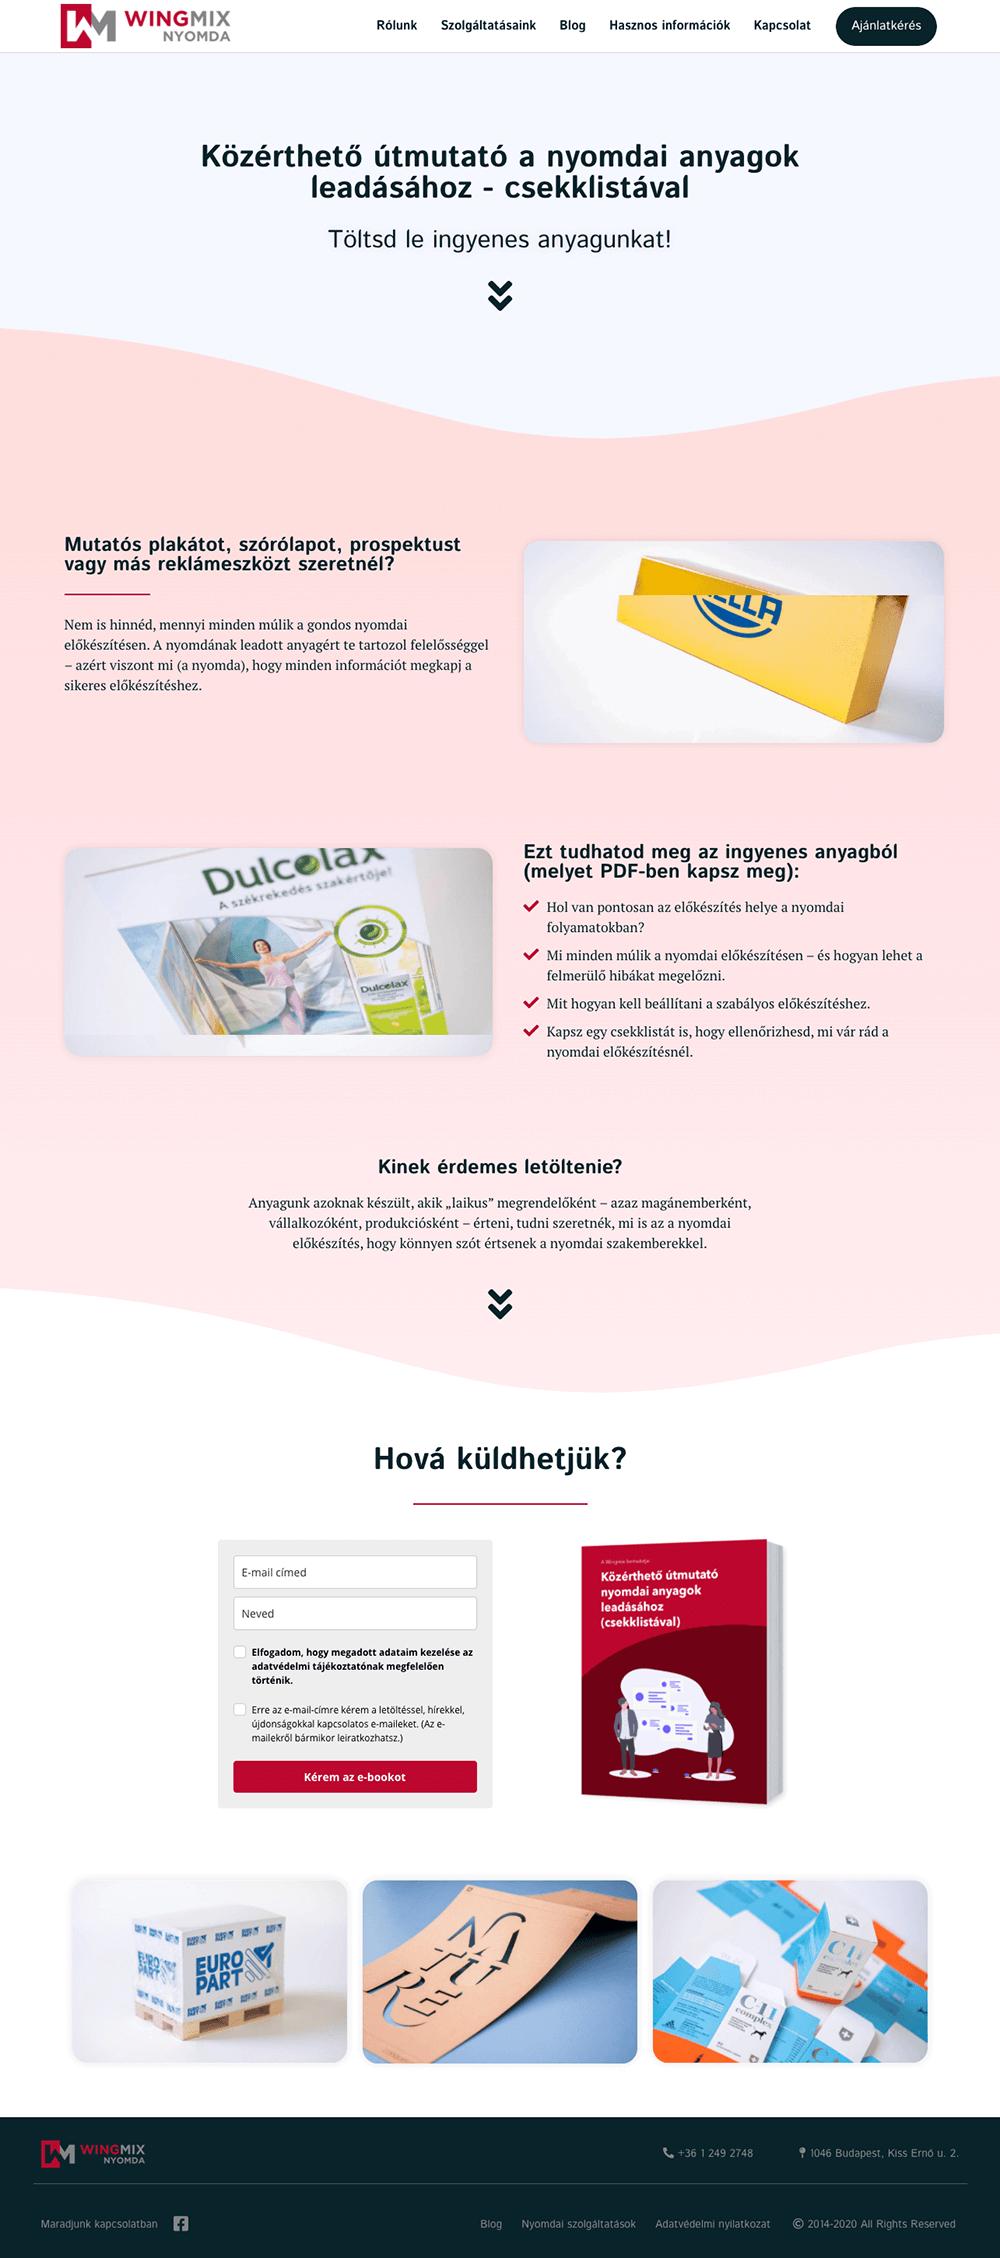 wingmix-nyomda-weboldal-keszites-lead-magnet